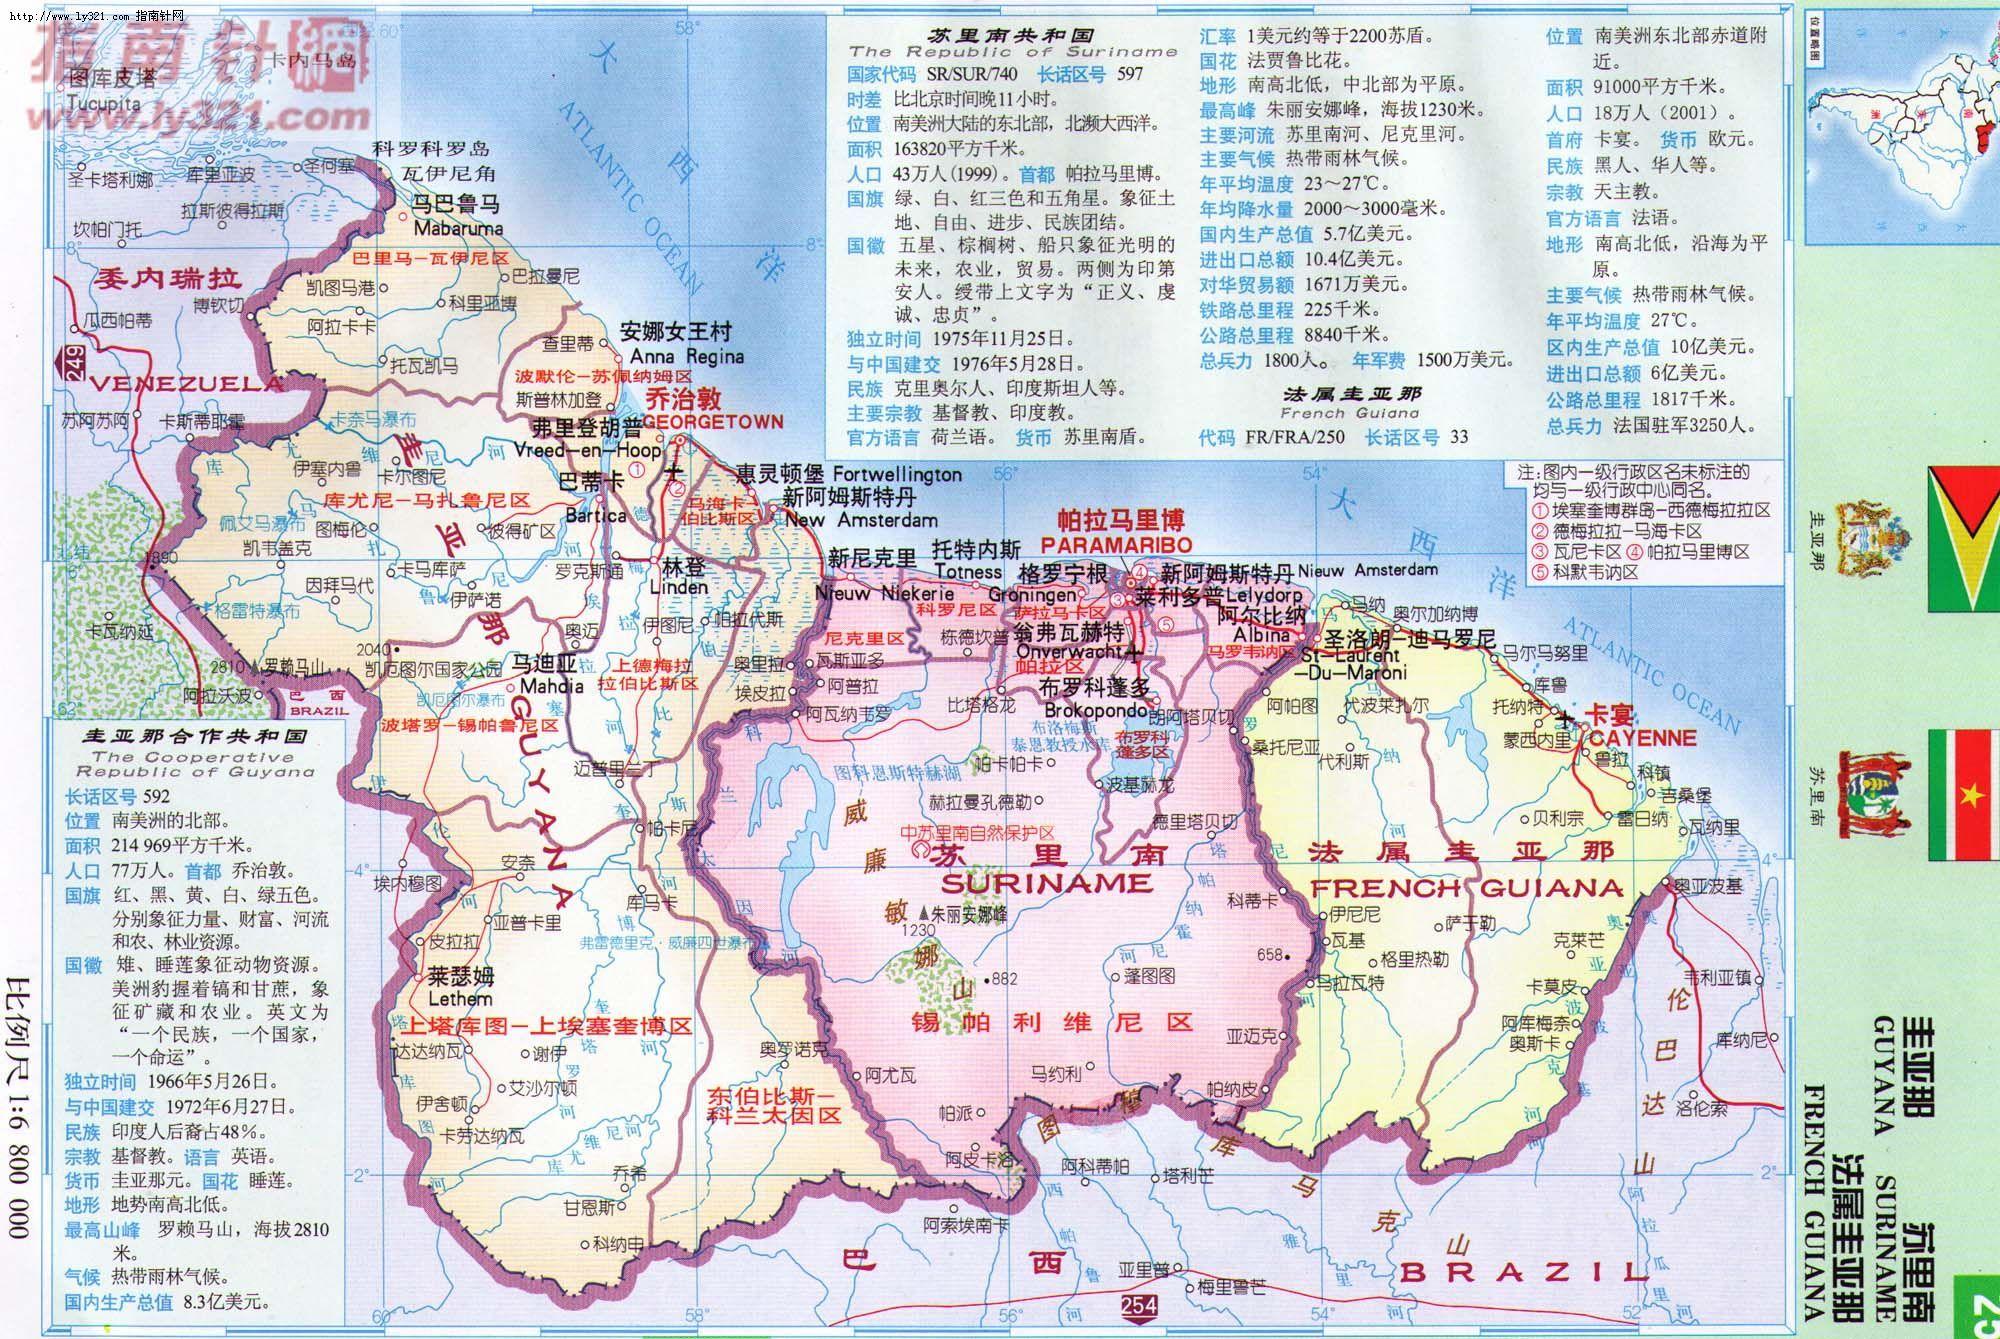 (图)法属圭亚那地图